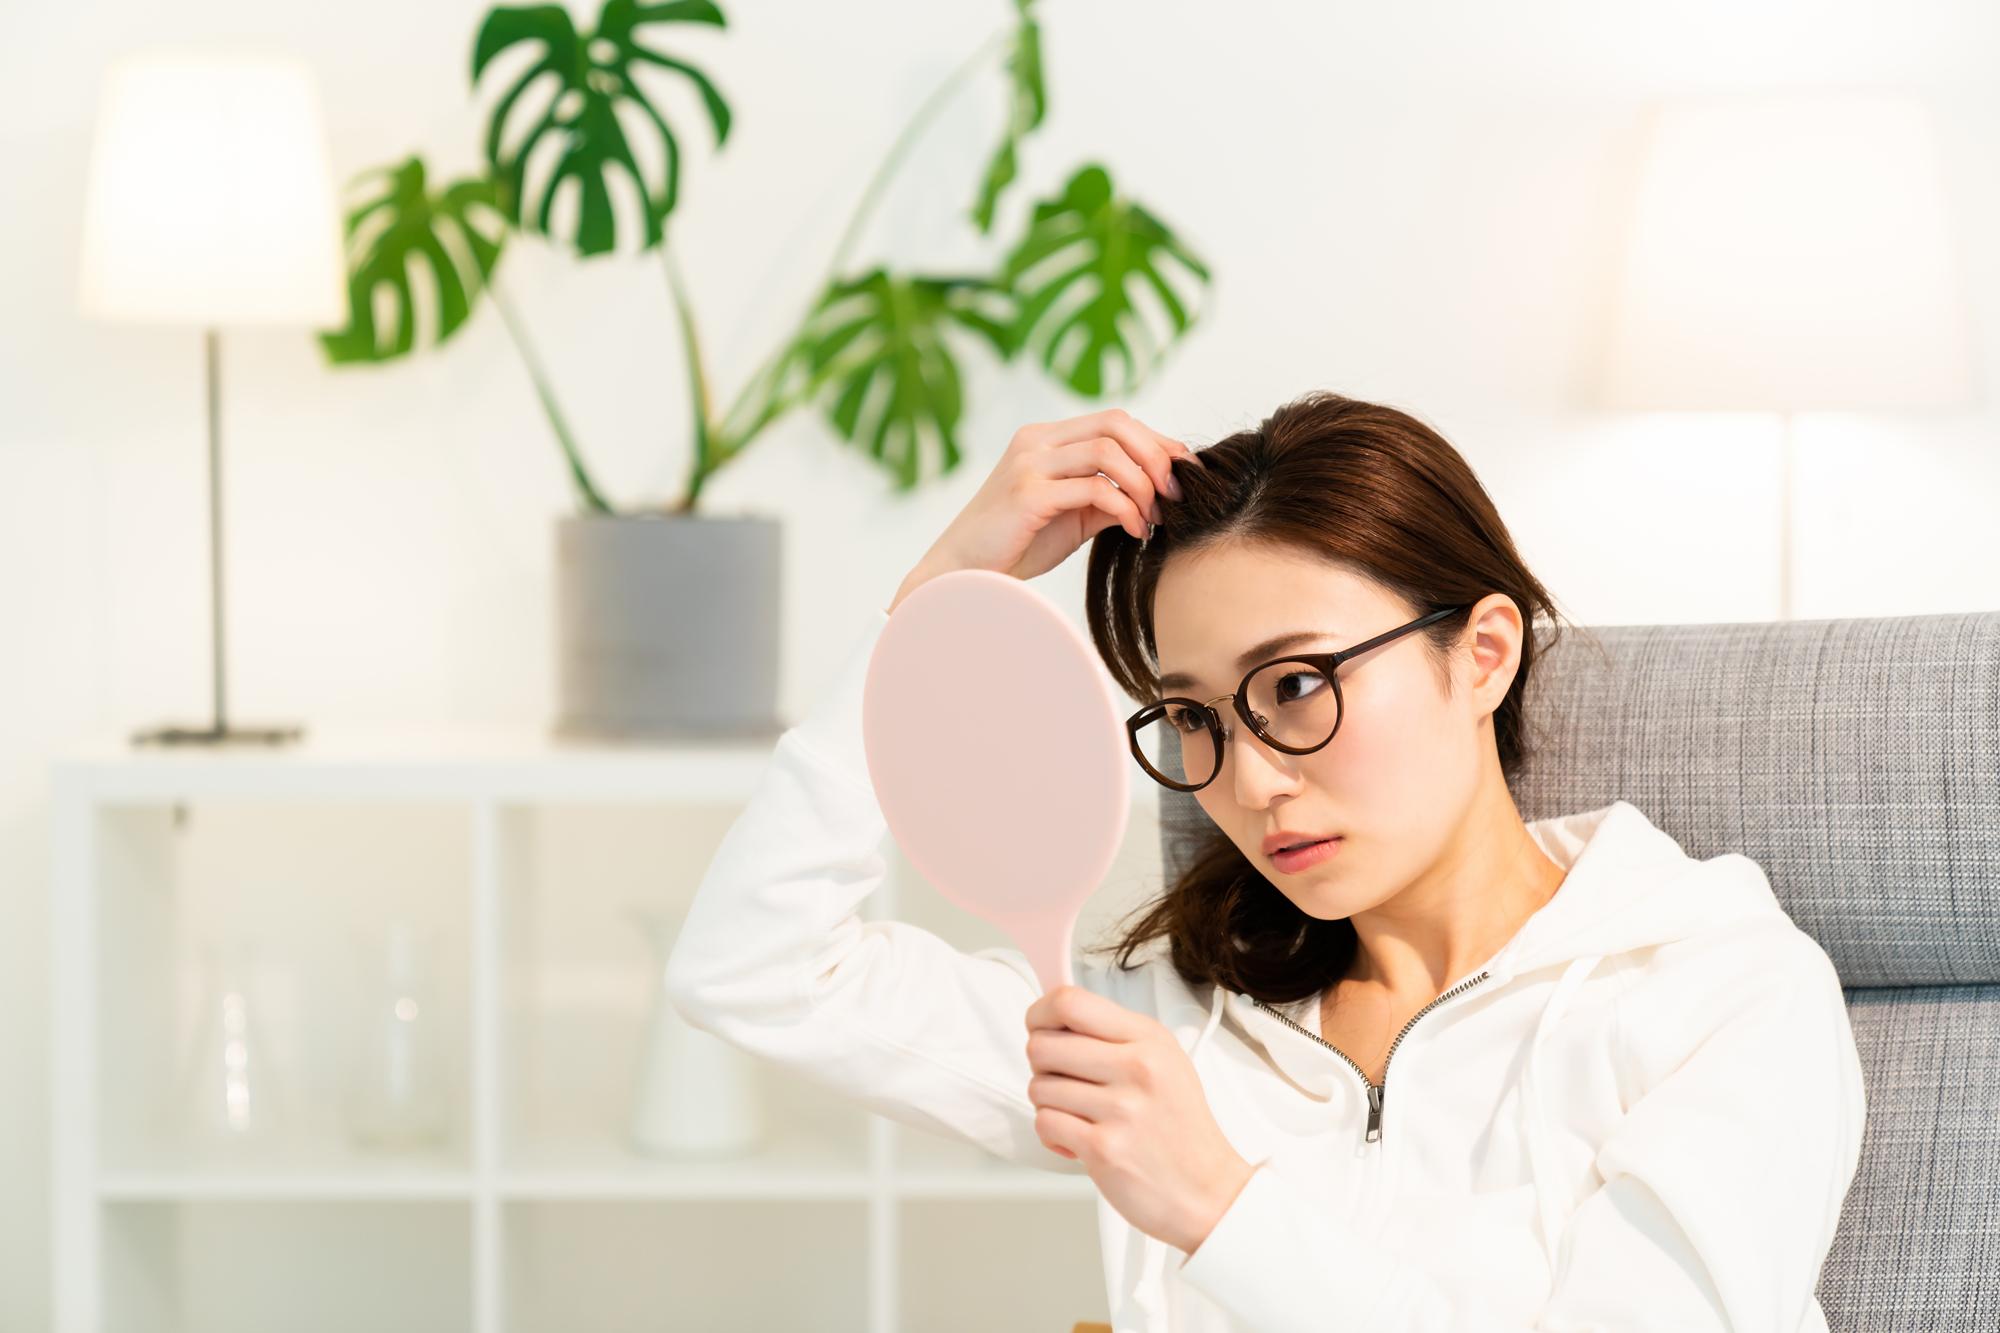 【医師監修】インフルエンザが抜け毛の原因になるってホント? インフルエンザと抜け毛の関係について